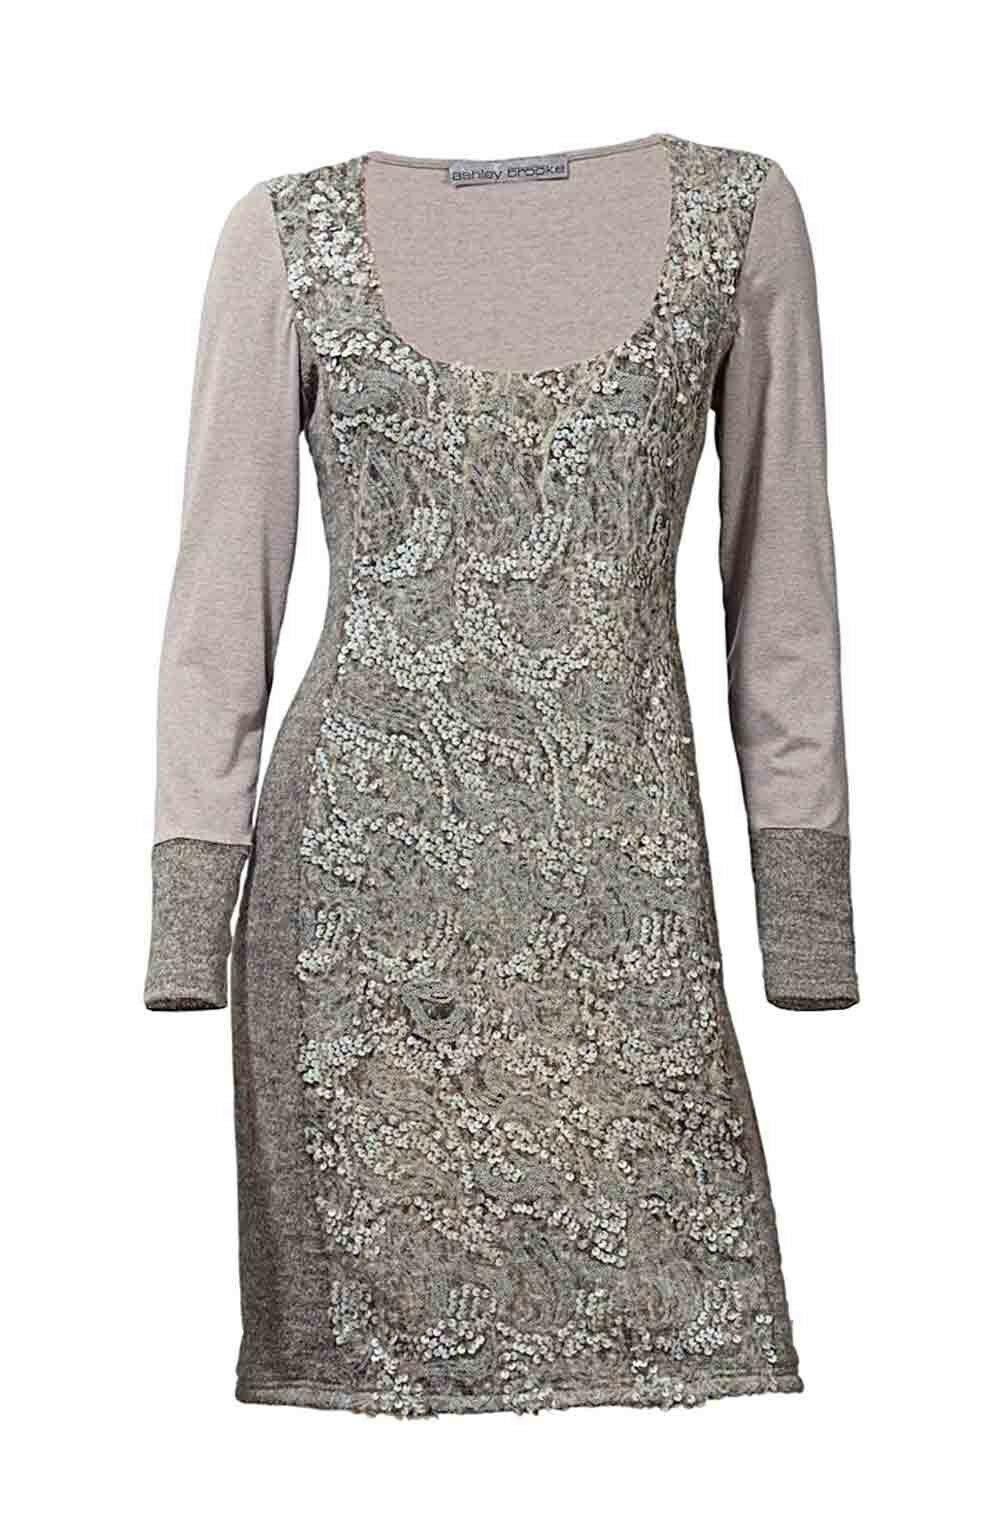 C.M. Schönes Designerkleid/Kleid von ashley brooke Gr. 14 taupe